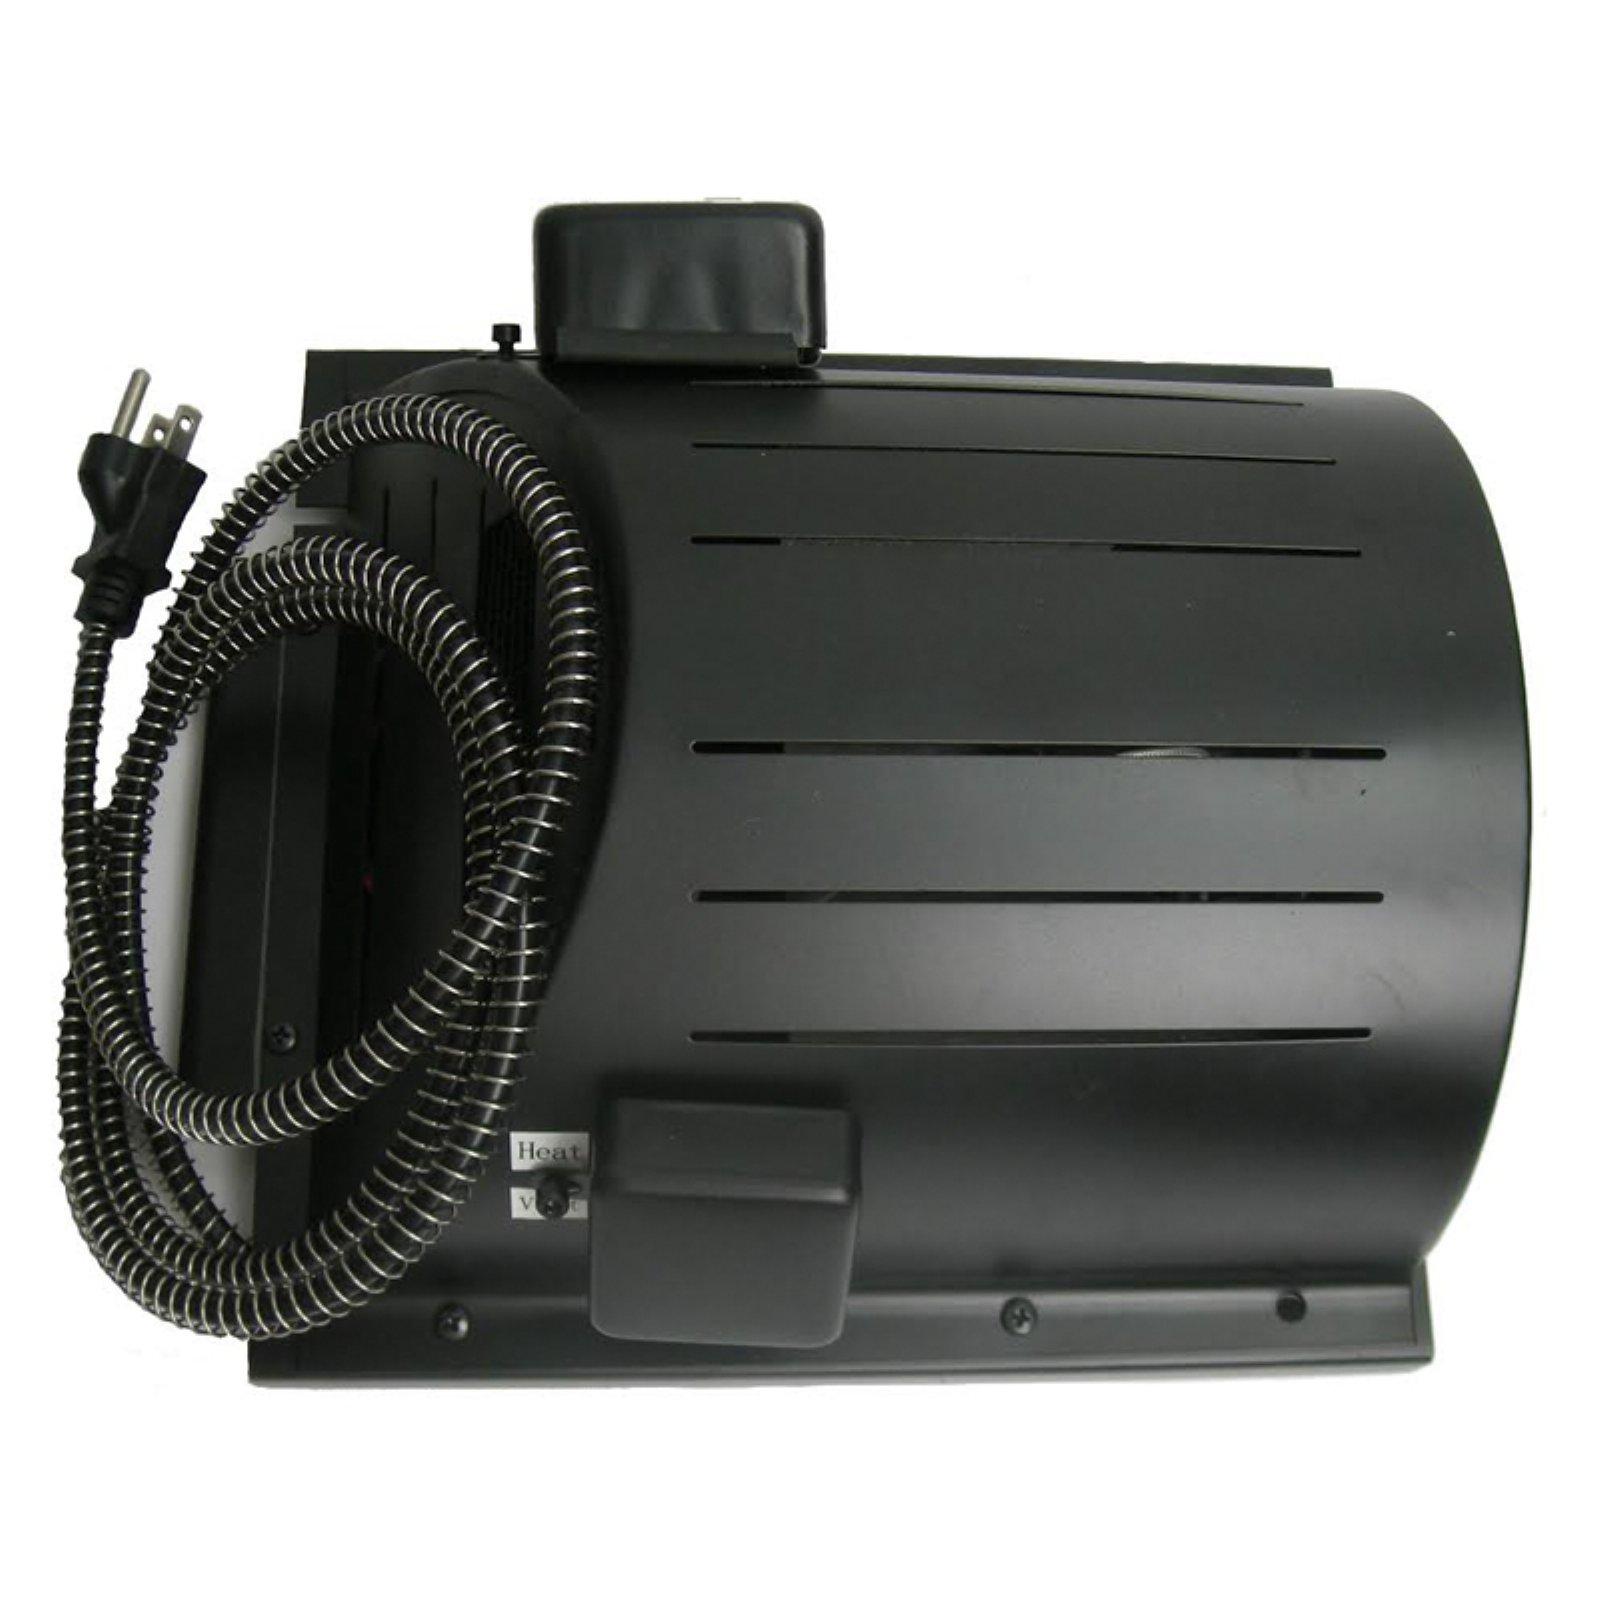 """AKOMA Heat-N-Breeze Dog House Heater and Fan, Black, 10""""L x 10""""W x 4.5""""H"""